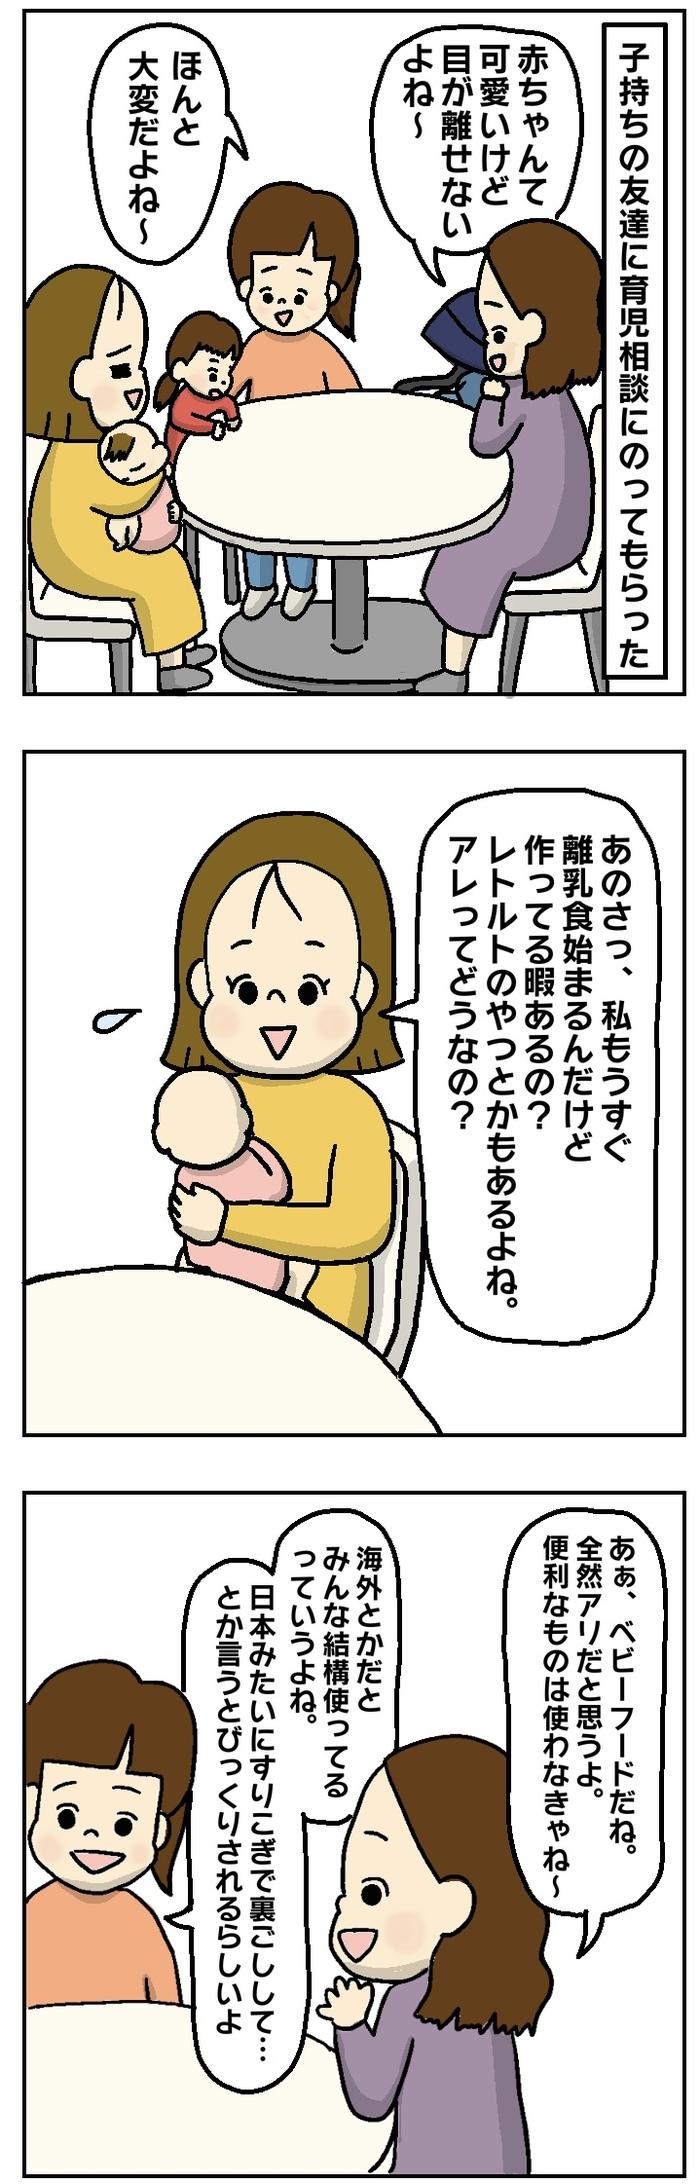 ほどよい妥協が子育てには必要!!離乳食をレトルトに頼った結果…<第5回投稿コンテスト NO.22>の画像1